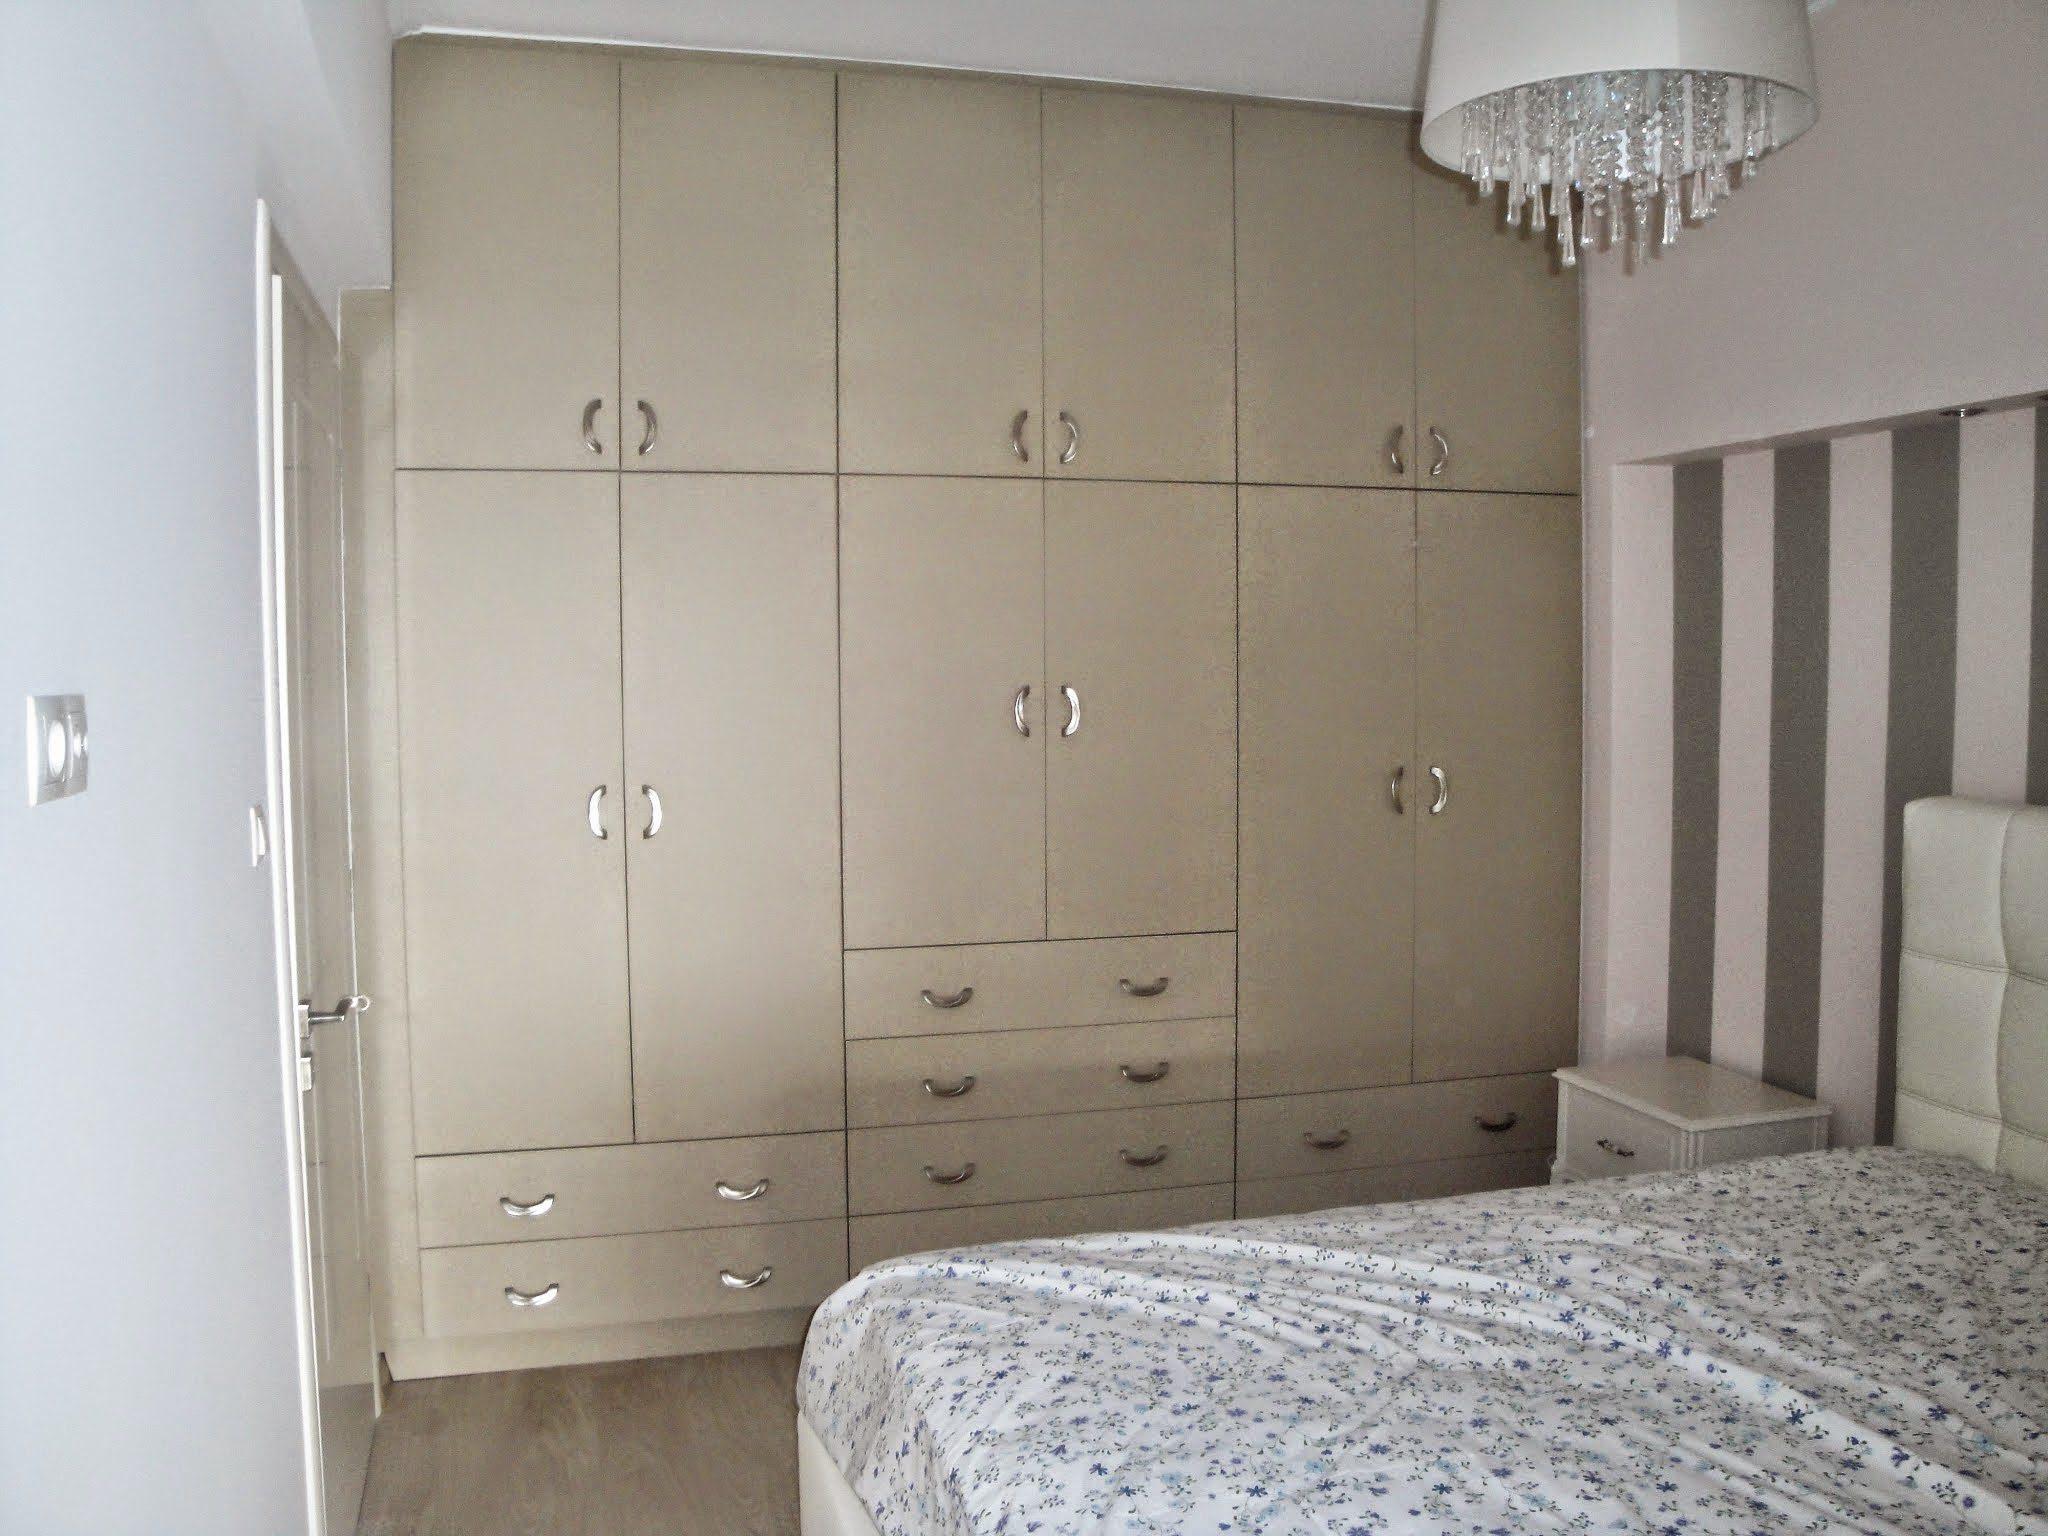 Μεγάλη ντουλάπα σε κρεβατοκάμαρα με πρόβλεψη χώρων για το ζευγάρι.